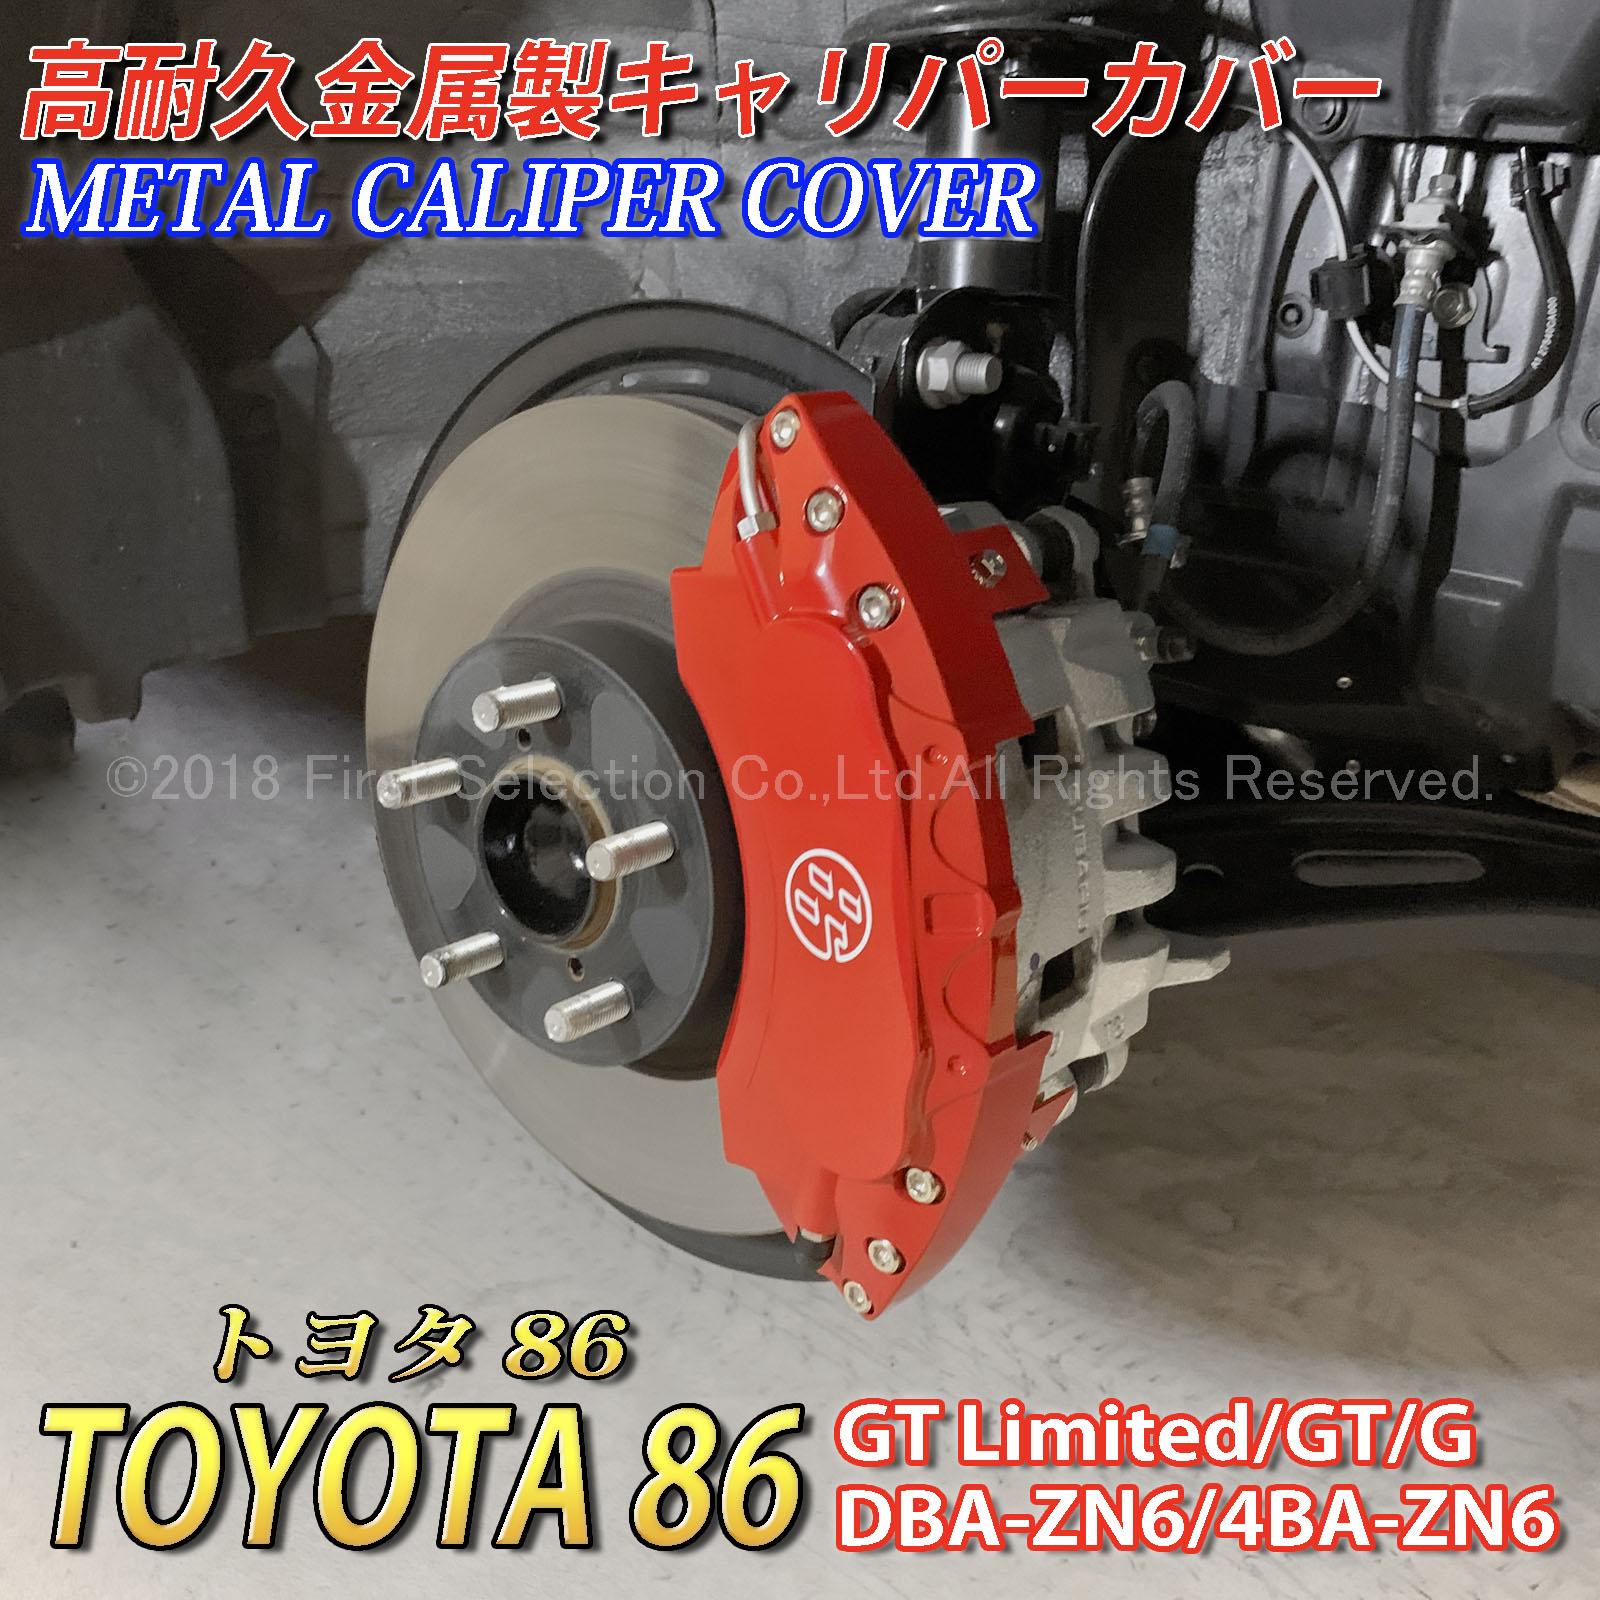 トヨタ車 86ロゴ銀文字 TOYOTA86用 高耐久金属製キャリパーカバーセット赤 トヨタ86 GT-Limited GT G DBA-ZN6 4BA-ZN6